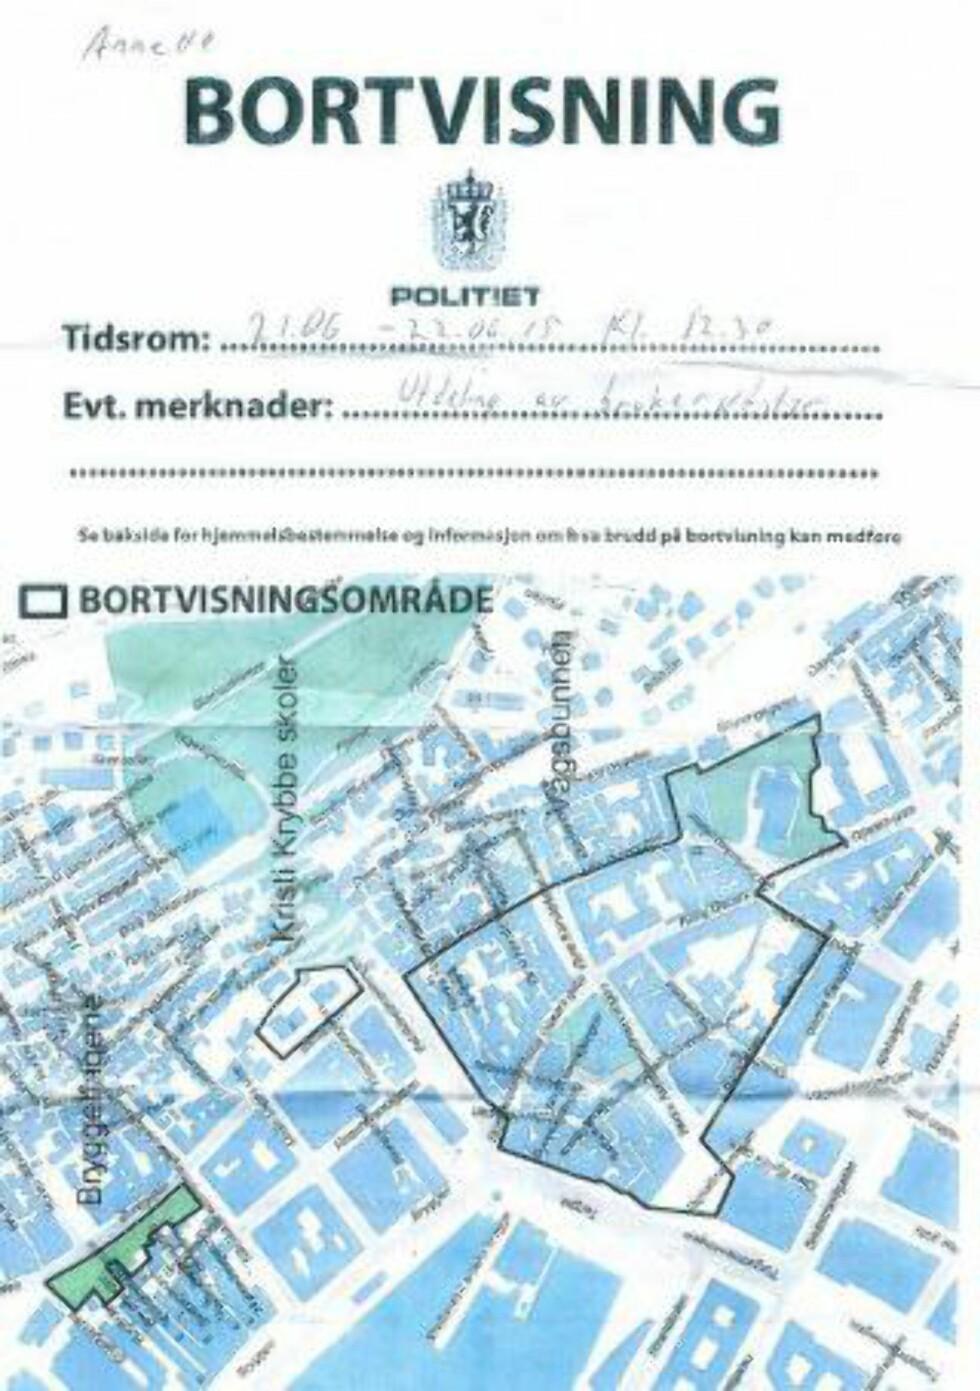 BORTVIST: Annette Svae, leder i foreninga, ble bortvist fra Bergen sentrum i 24 timer fordi hun delte ut rent brukerutstyr til narkomane. Foto: Privat